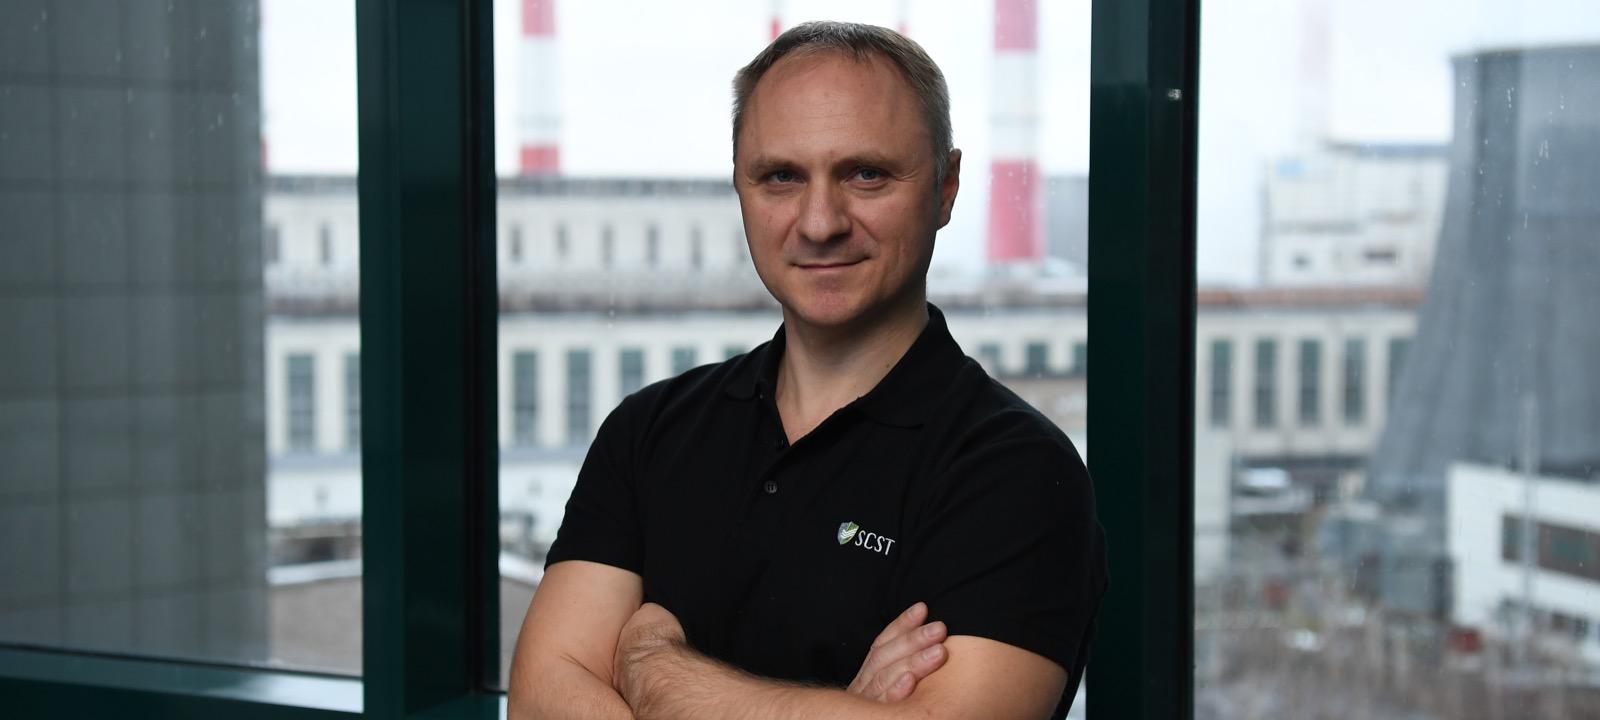 Сергей Лебедь. Интервью с руководителем службы кибербезопасности Сбербанка